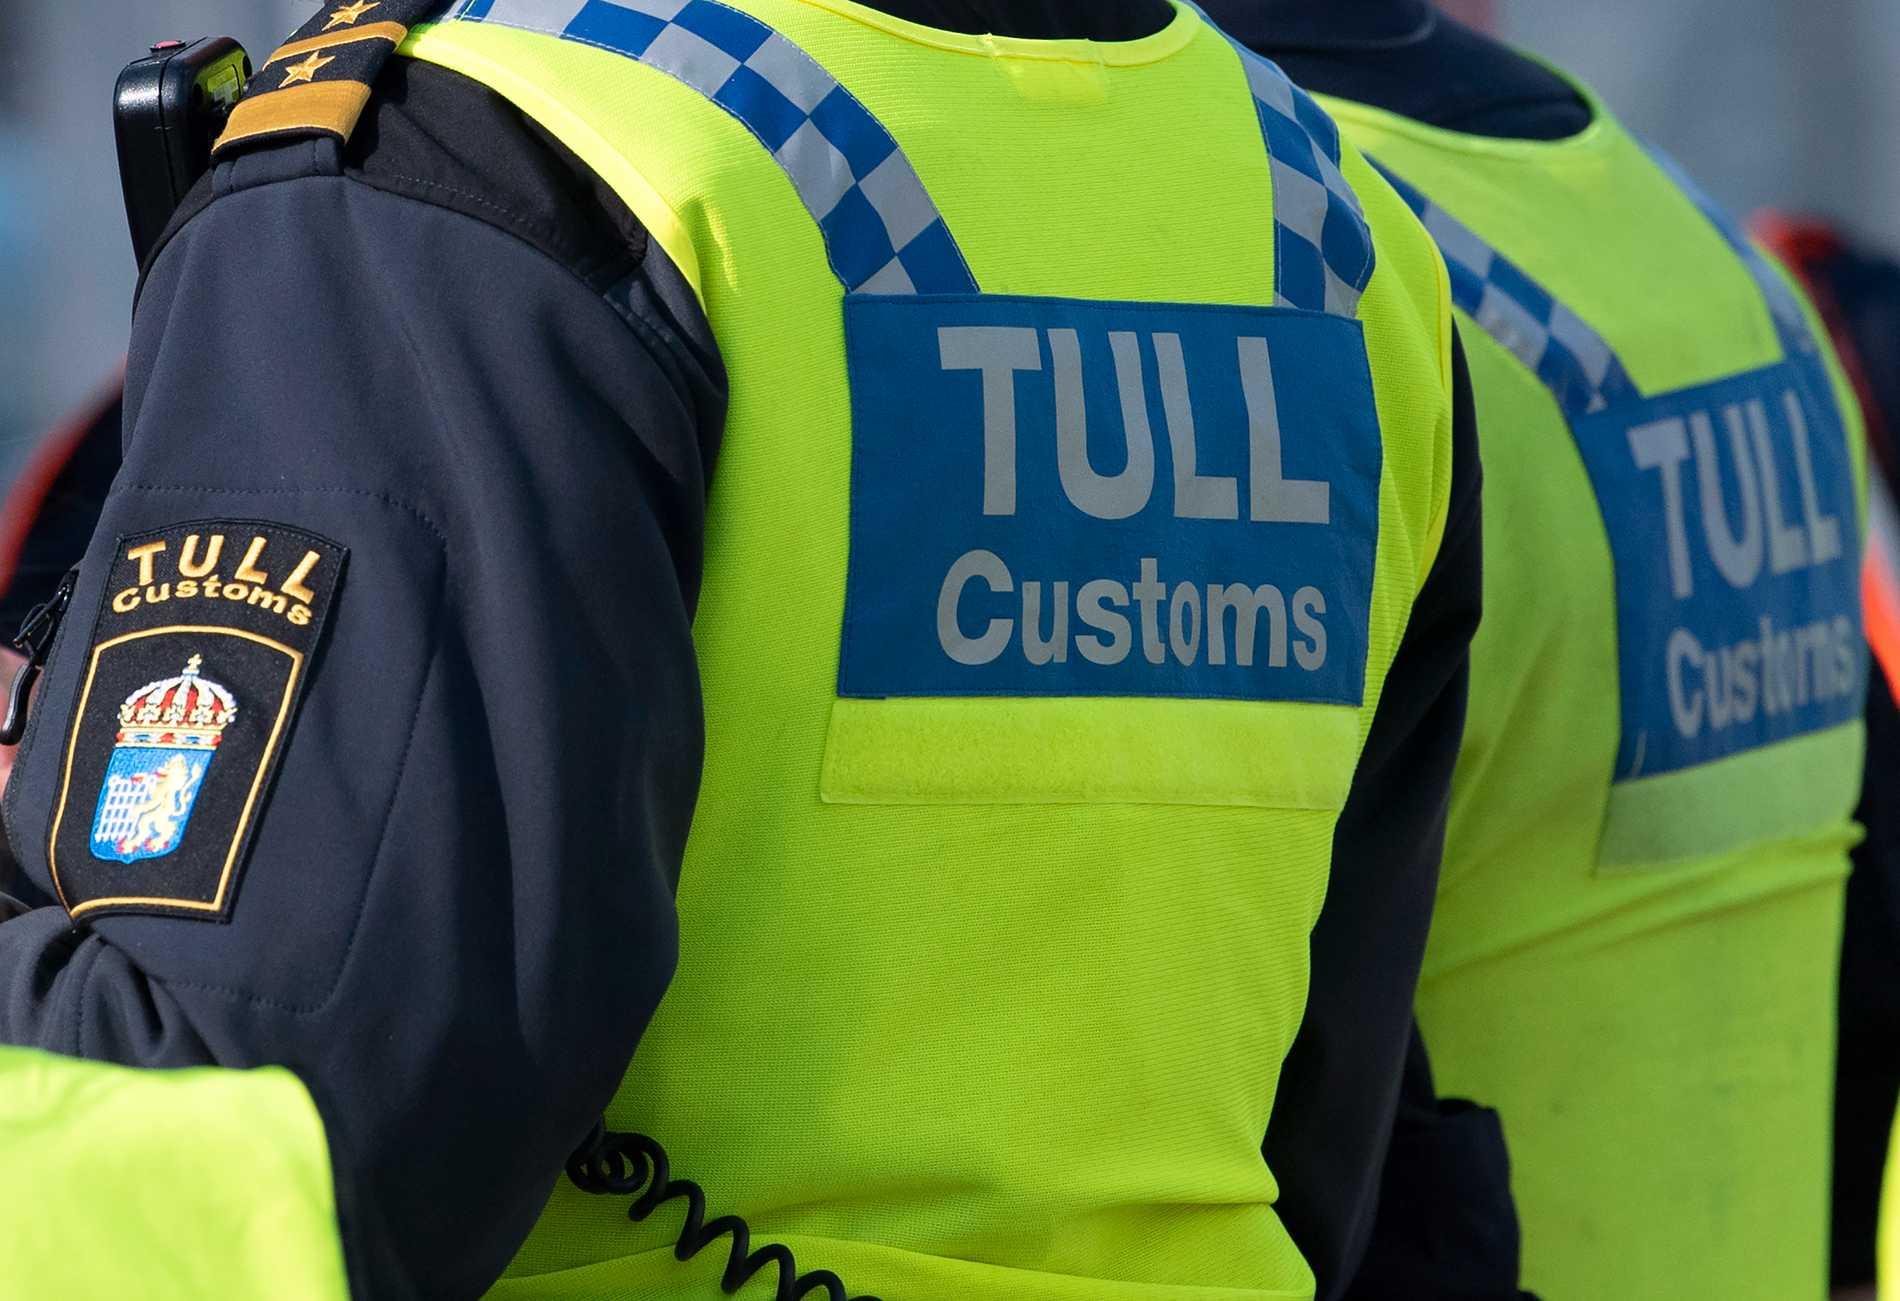 Tullpersonal bytte ut narkotikan mot ofarlig substans och lät chauffören köra vidare. Han greps sedan i Halmstad, tillsammans med två andra män. Arkivbild.